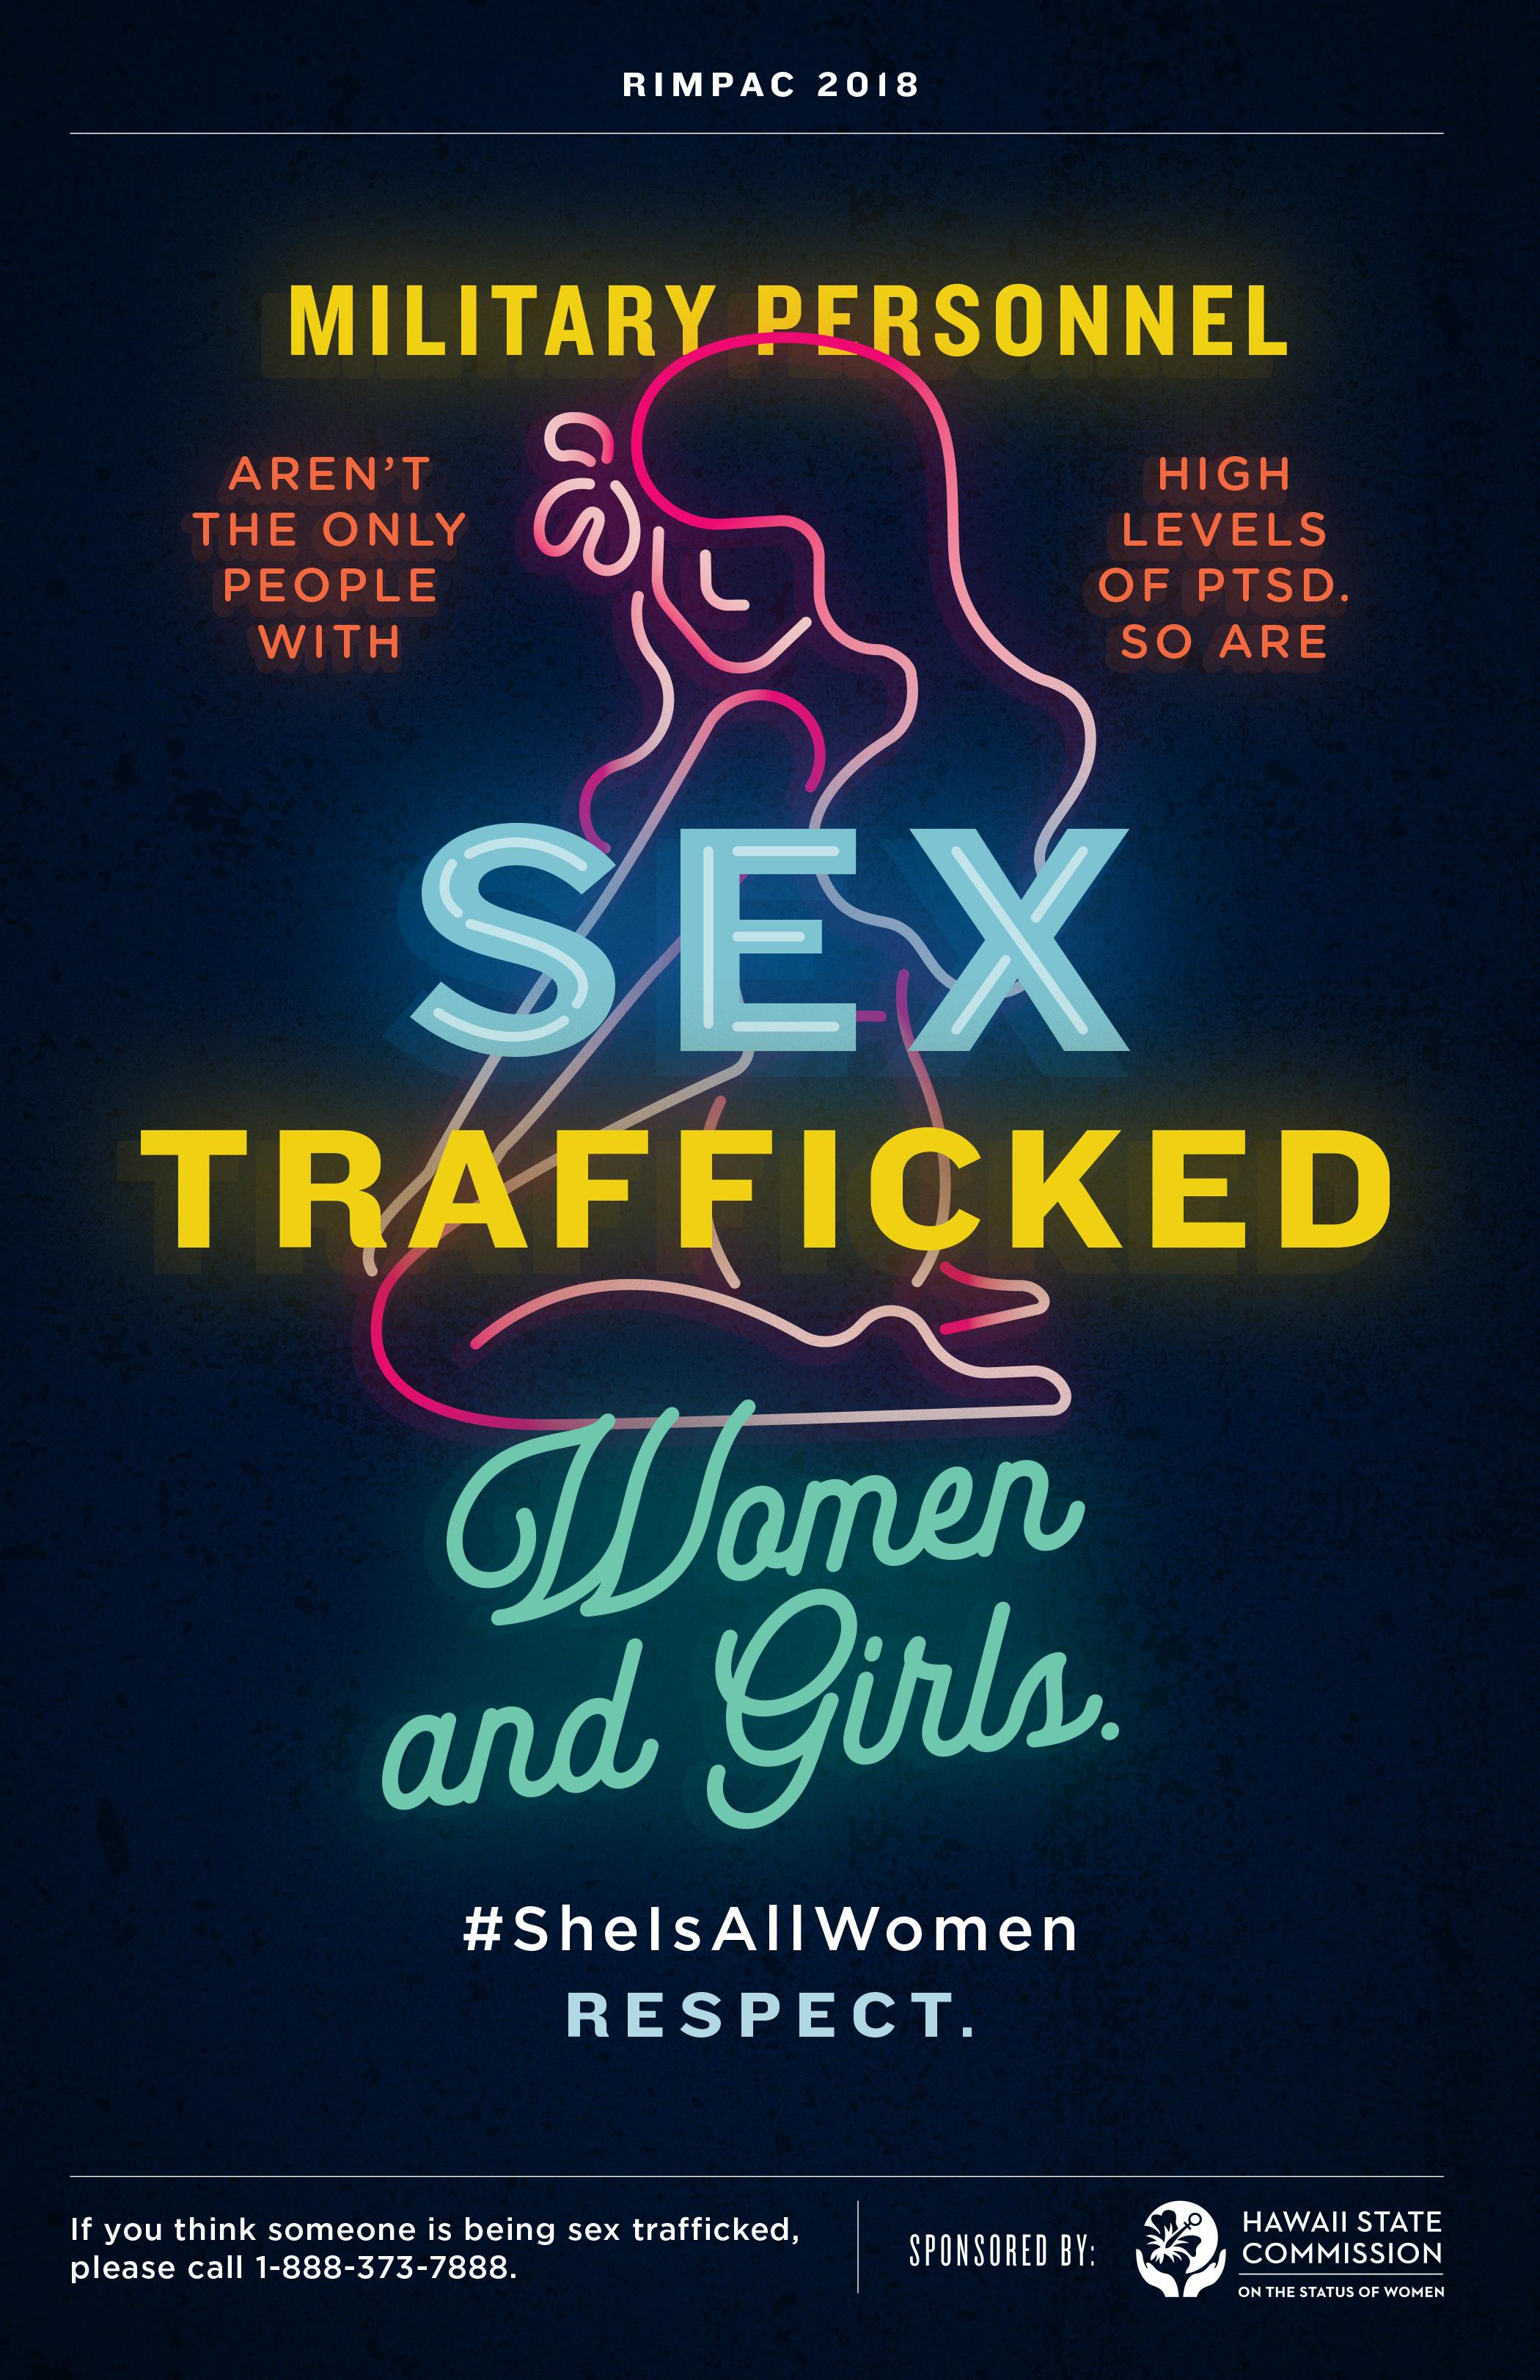 2018_CSW_AntiSexTrafficking_Poster-2-2.jpg